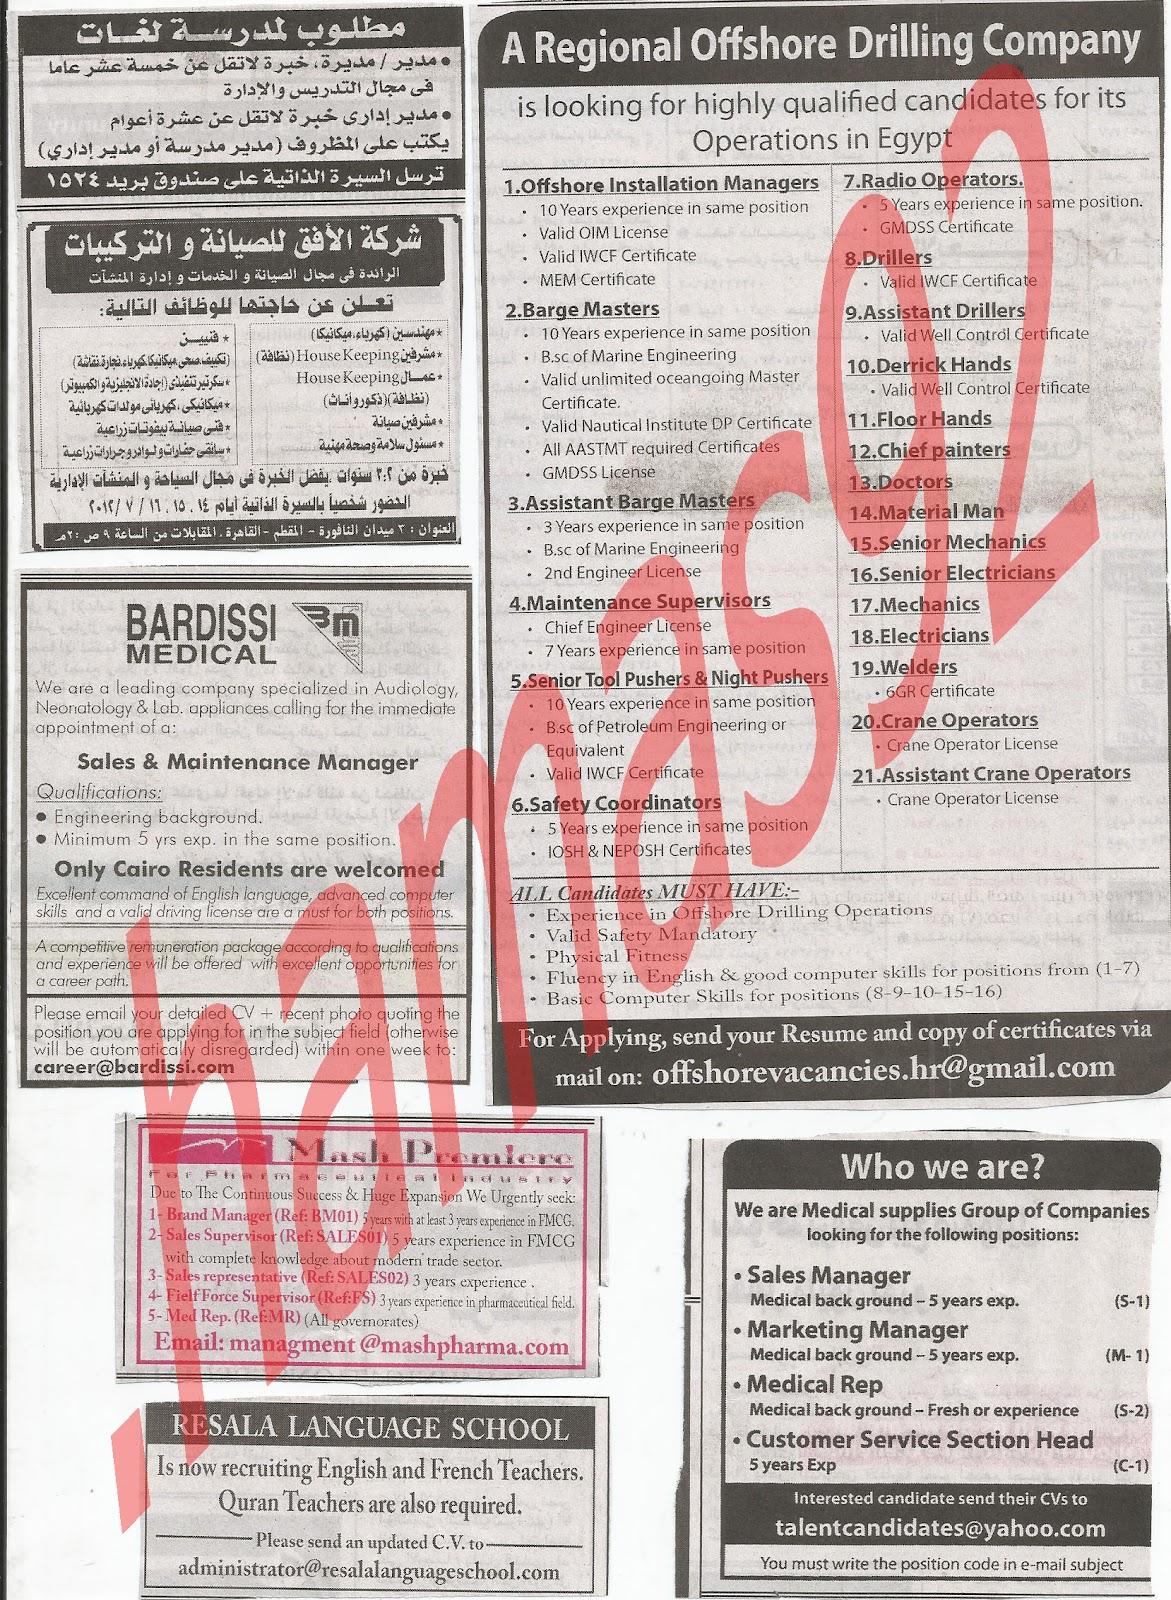 اعلانات وظائف جريدة الاهرام الجمعة 13/7/2012 كاملة - الاهرام الاسبوعى 3